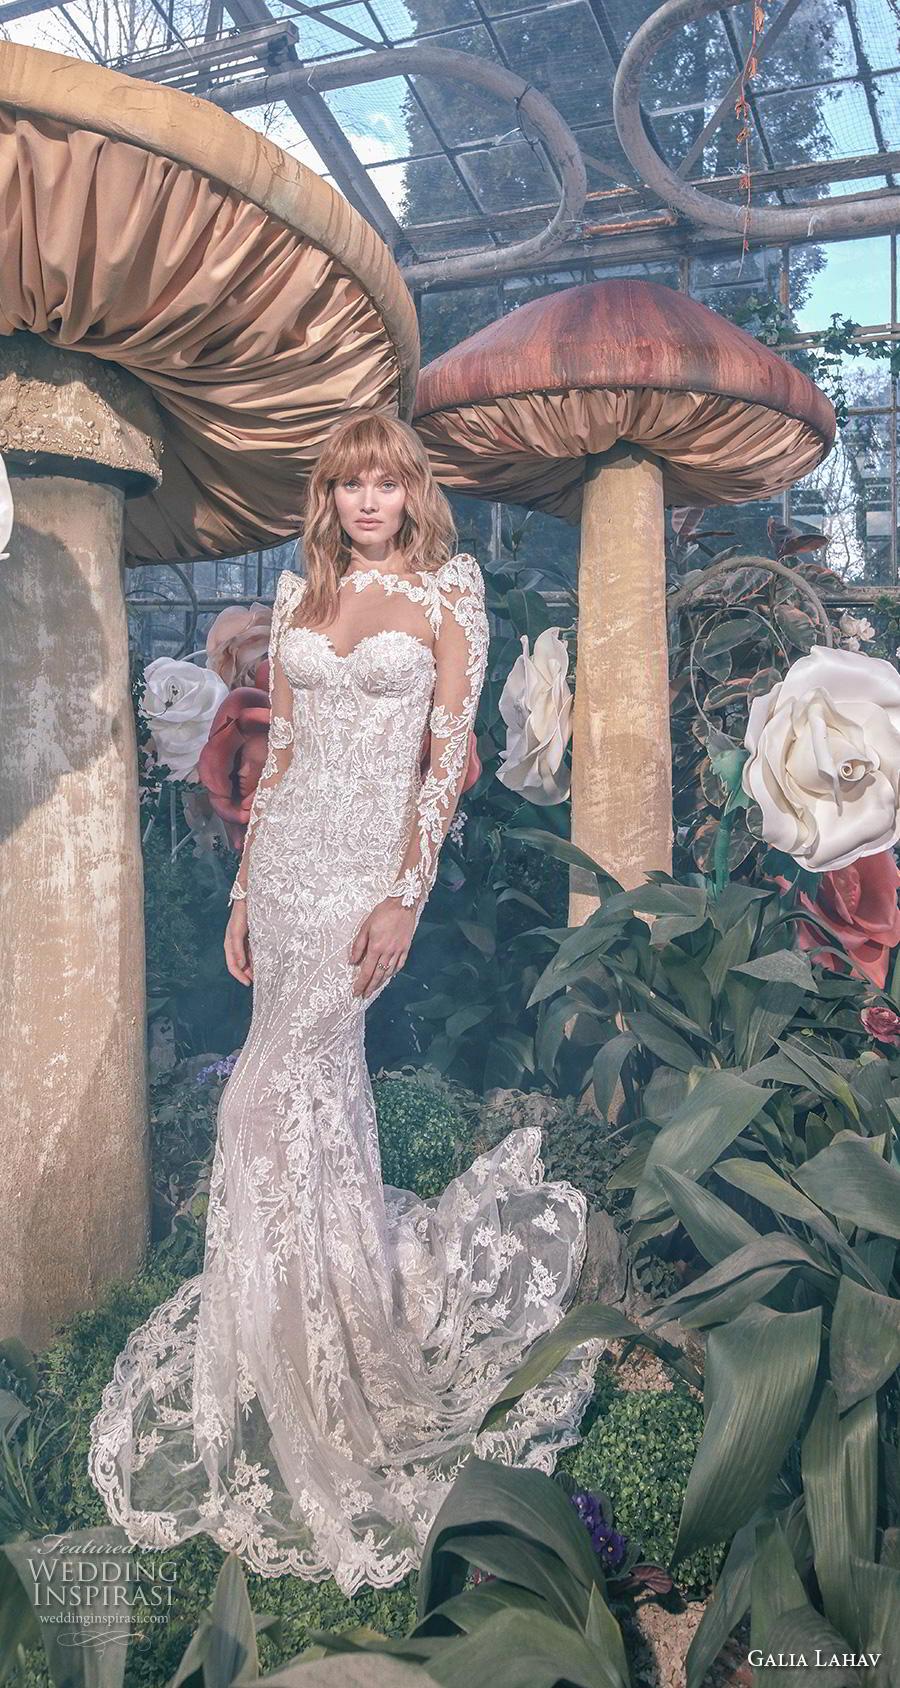 galia lahav s2020 gala bridal long sleeves illusion bateau sweetheart neckline full embellishment elegant glamorous sheath fit and flare wedding dress keyhole back sweep train (10) mv